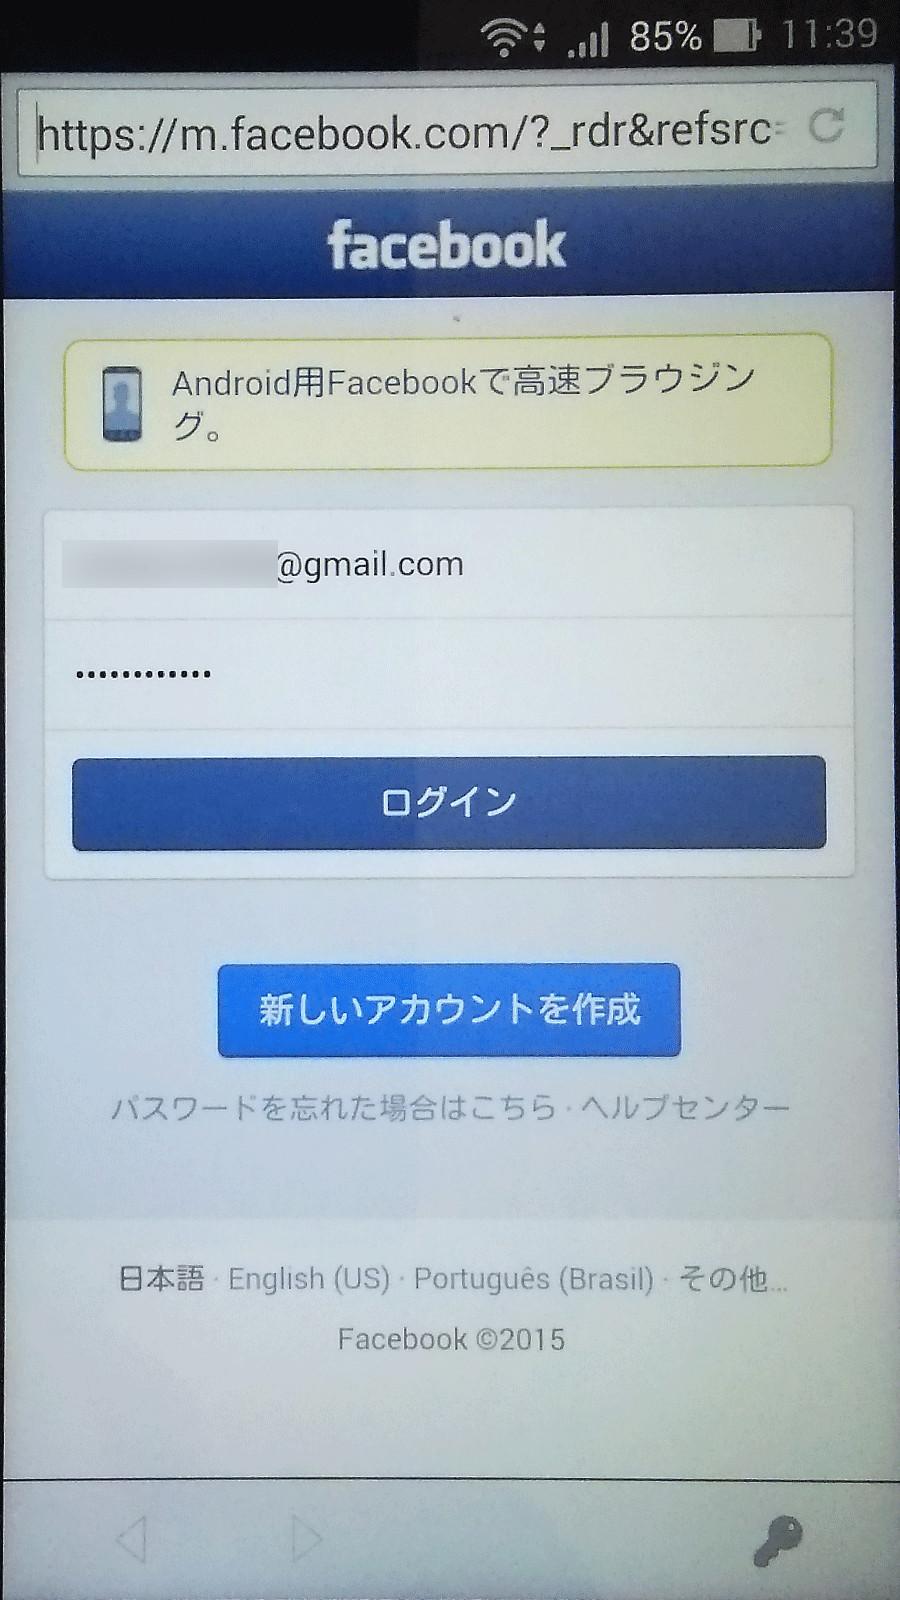 URLをタップすると、アプリ内ブラウザーでWebページにアクセスでき、登録したID・パスワードが自動入力される